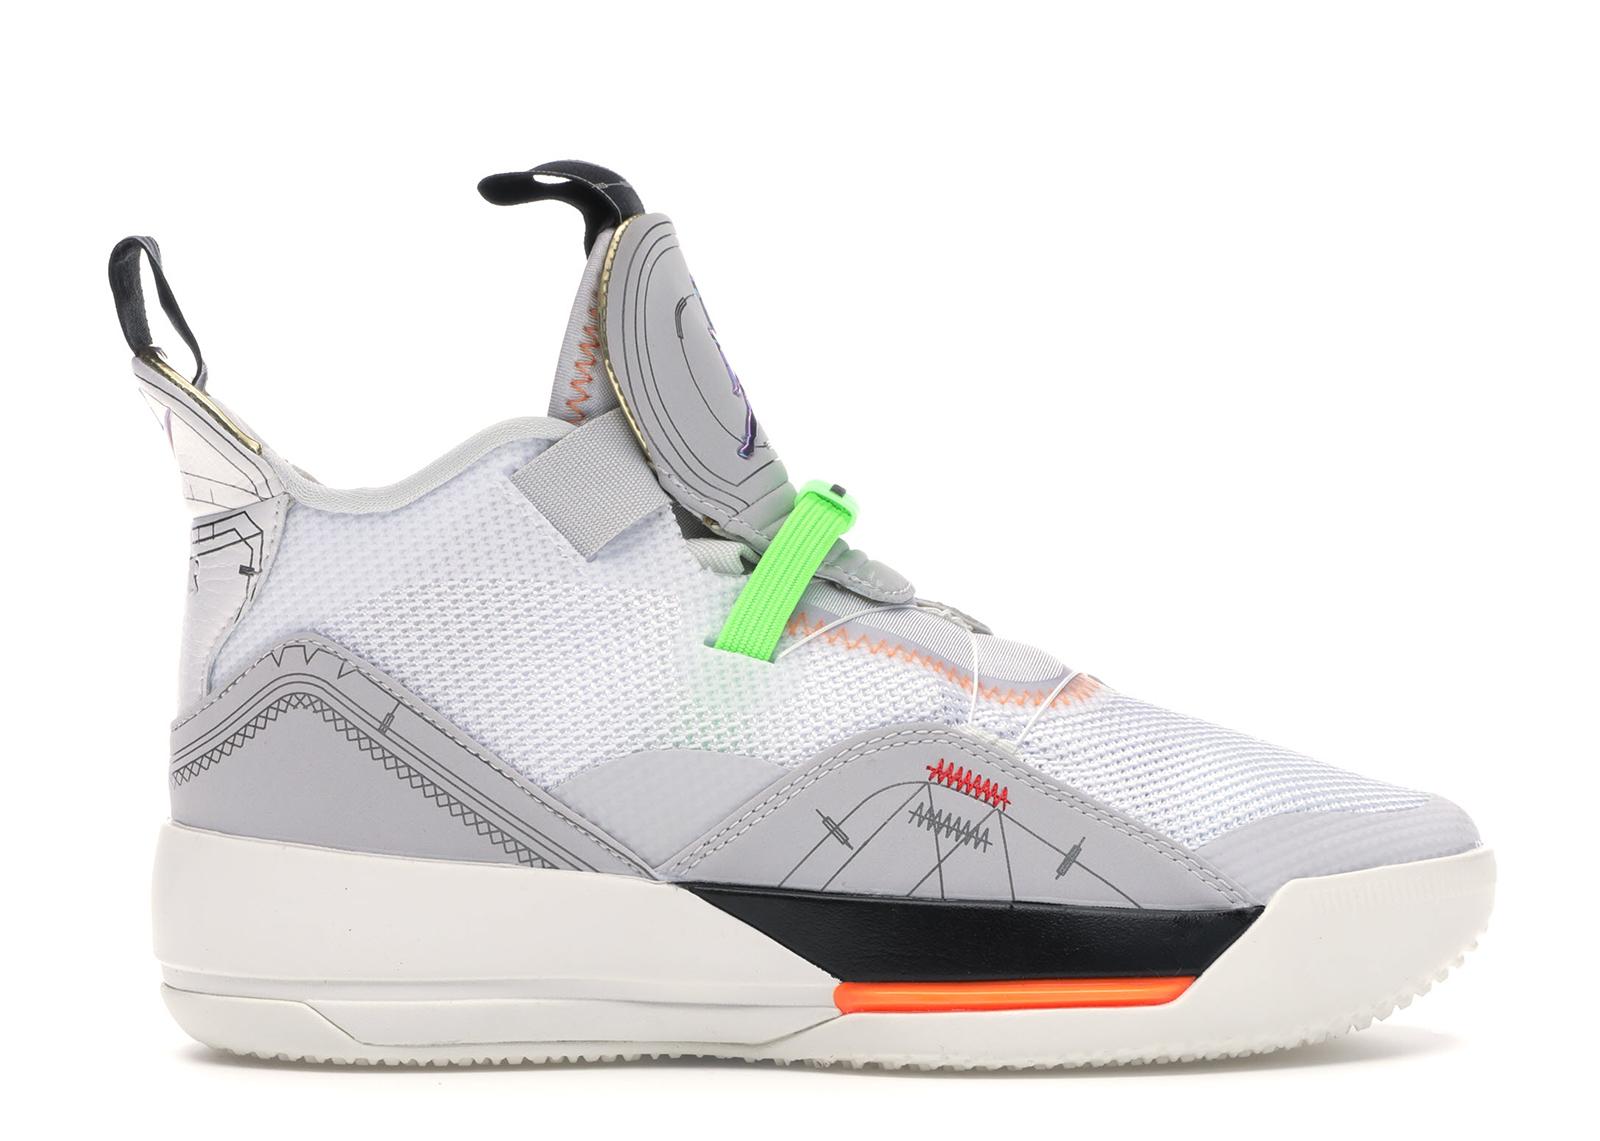 Jordan XXXIII Vast Grey (GS) - AQ9244-004